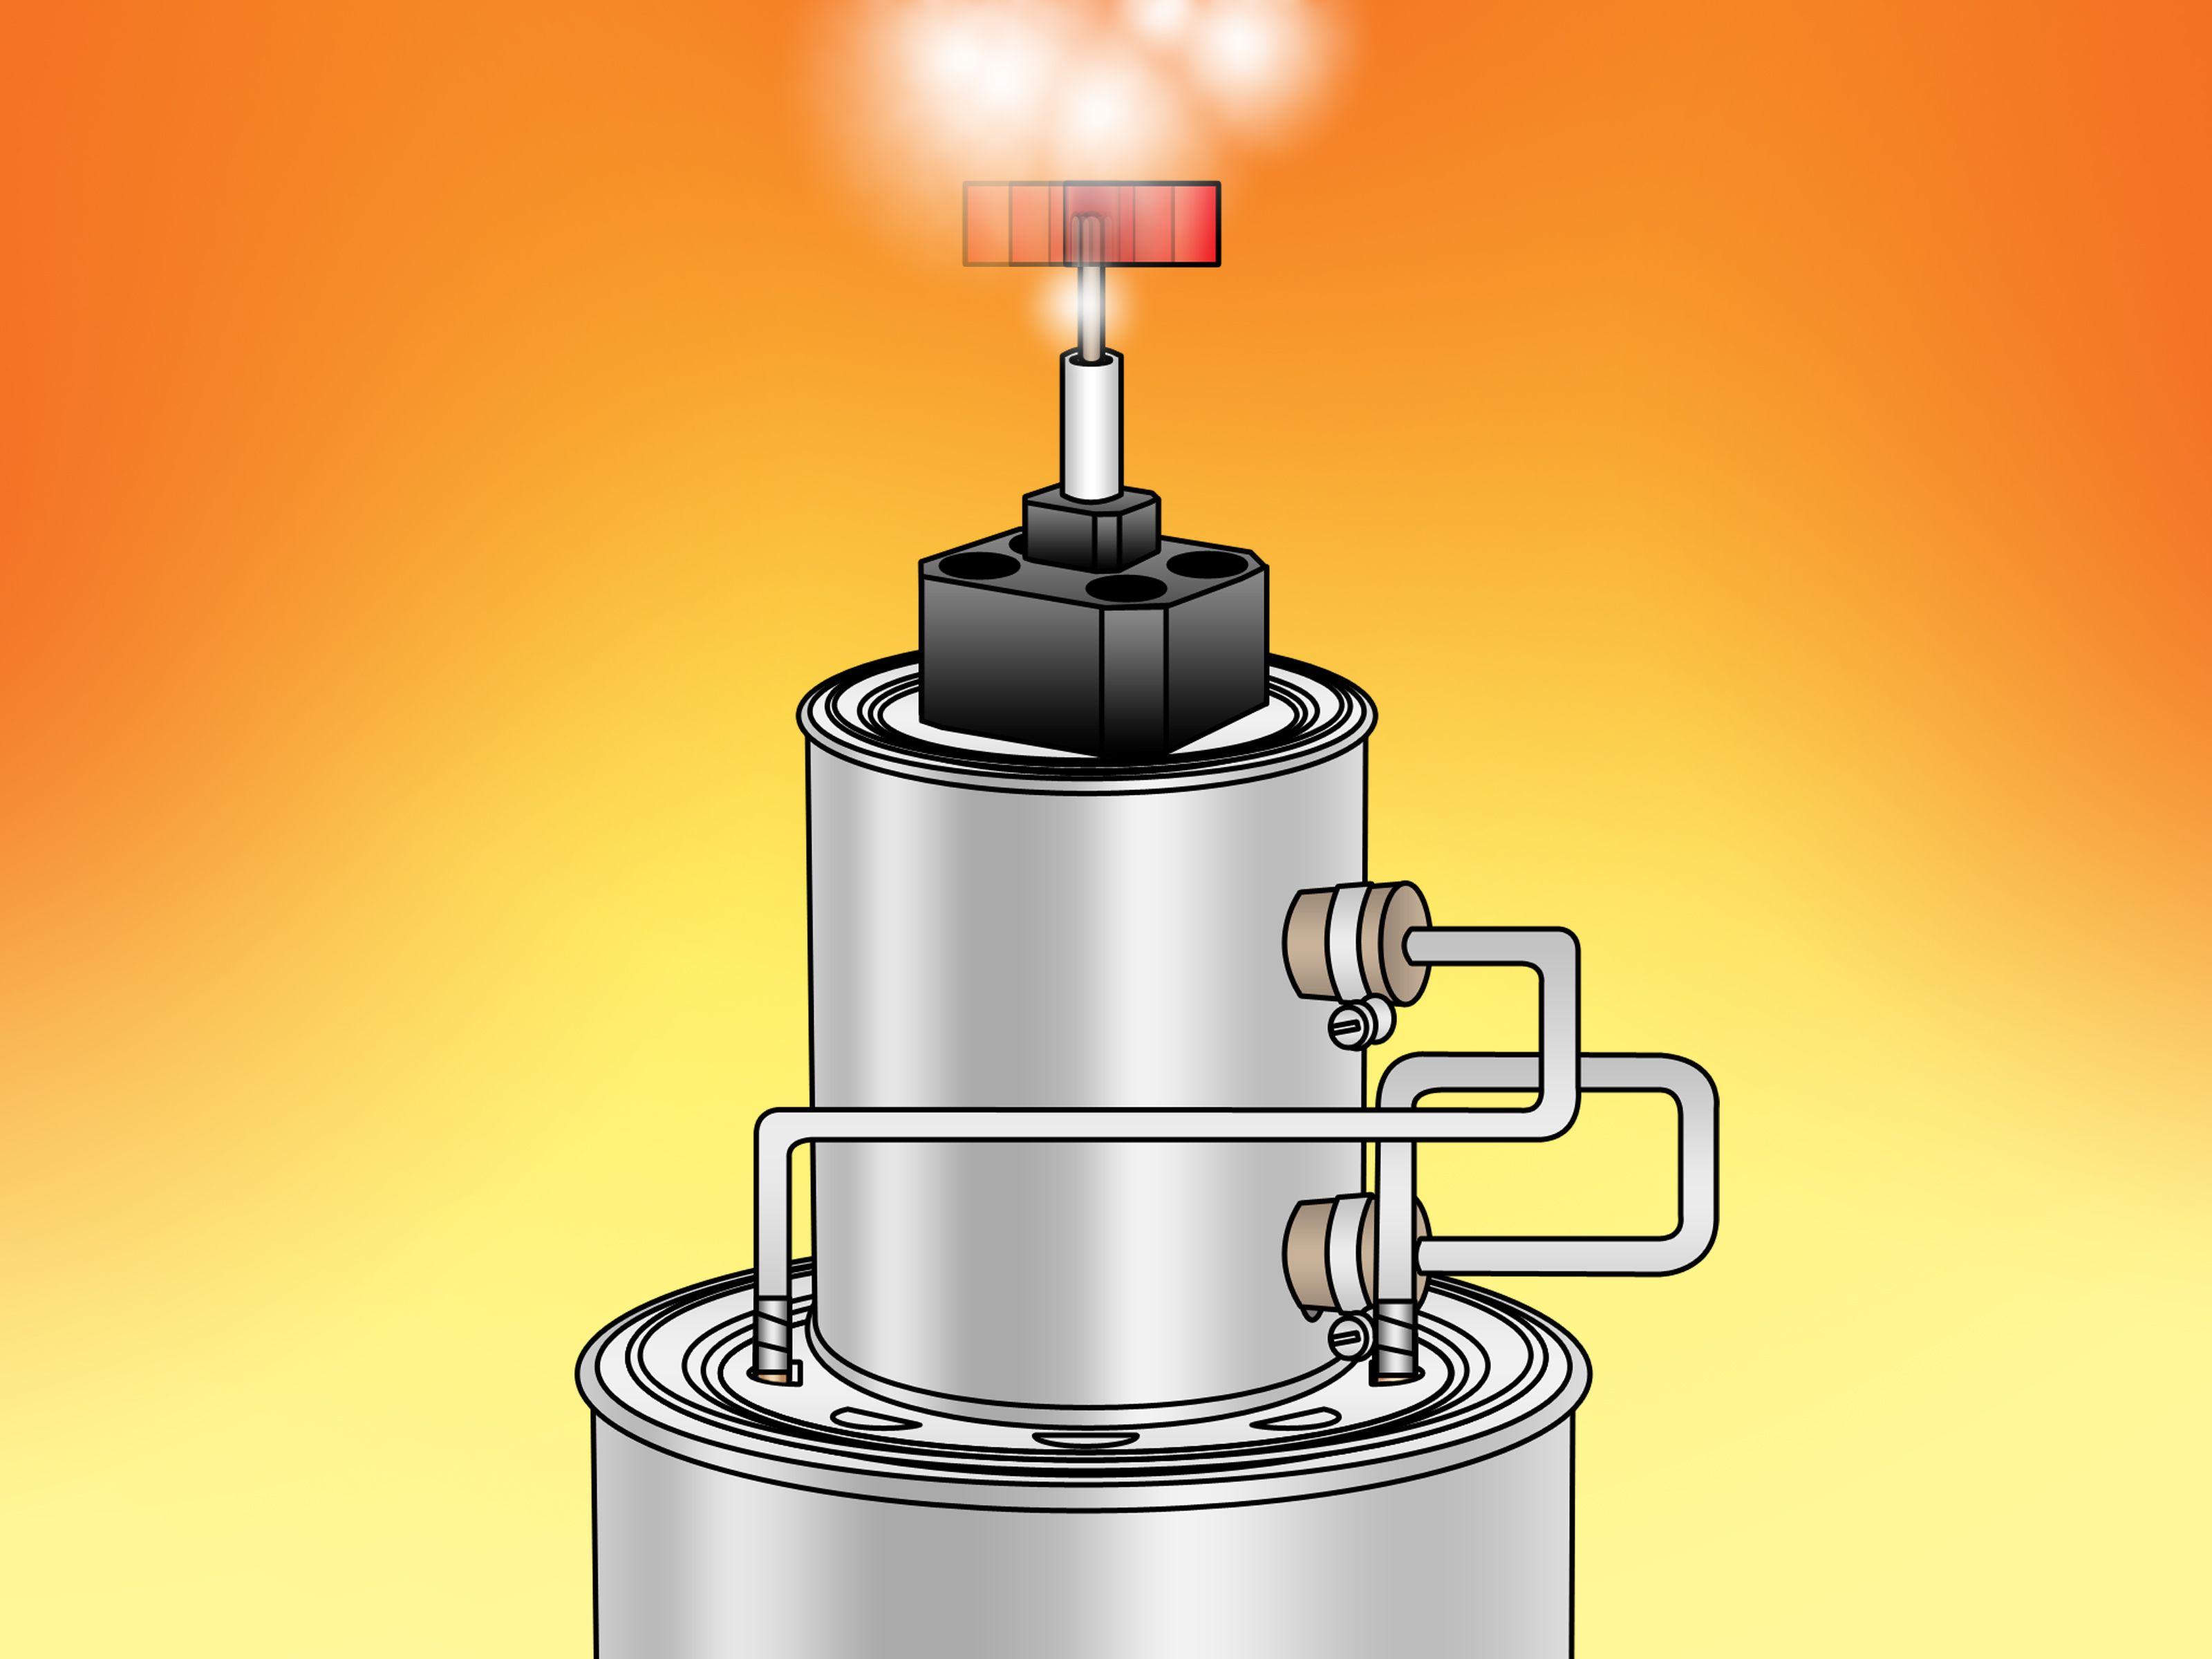 How to Make a Steam Engine Steam engine, Steam, Steam